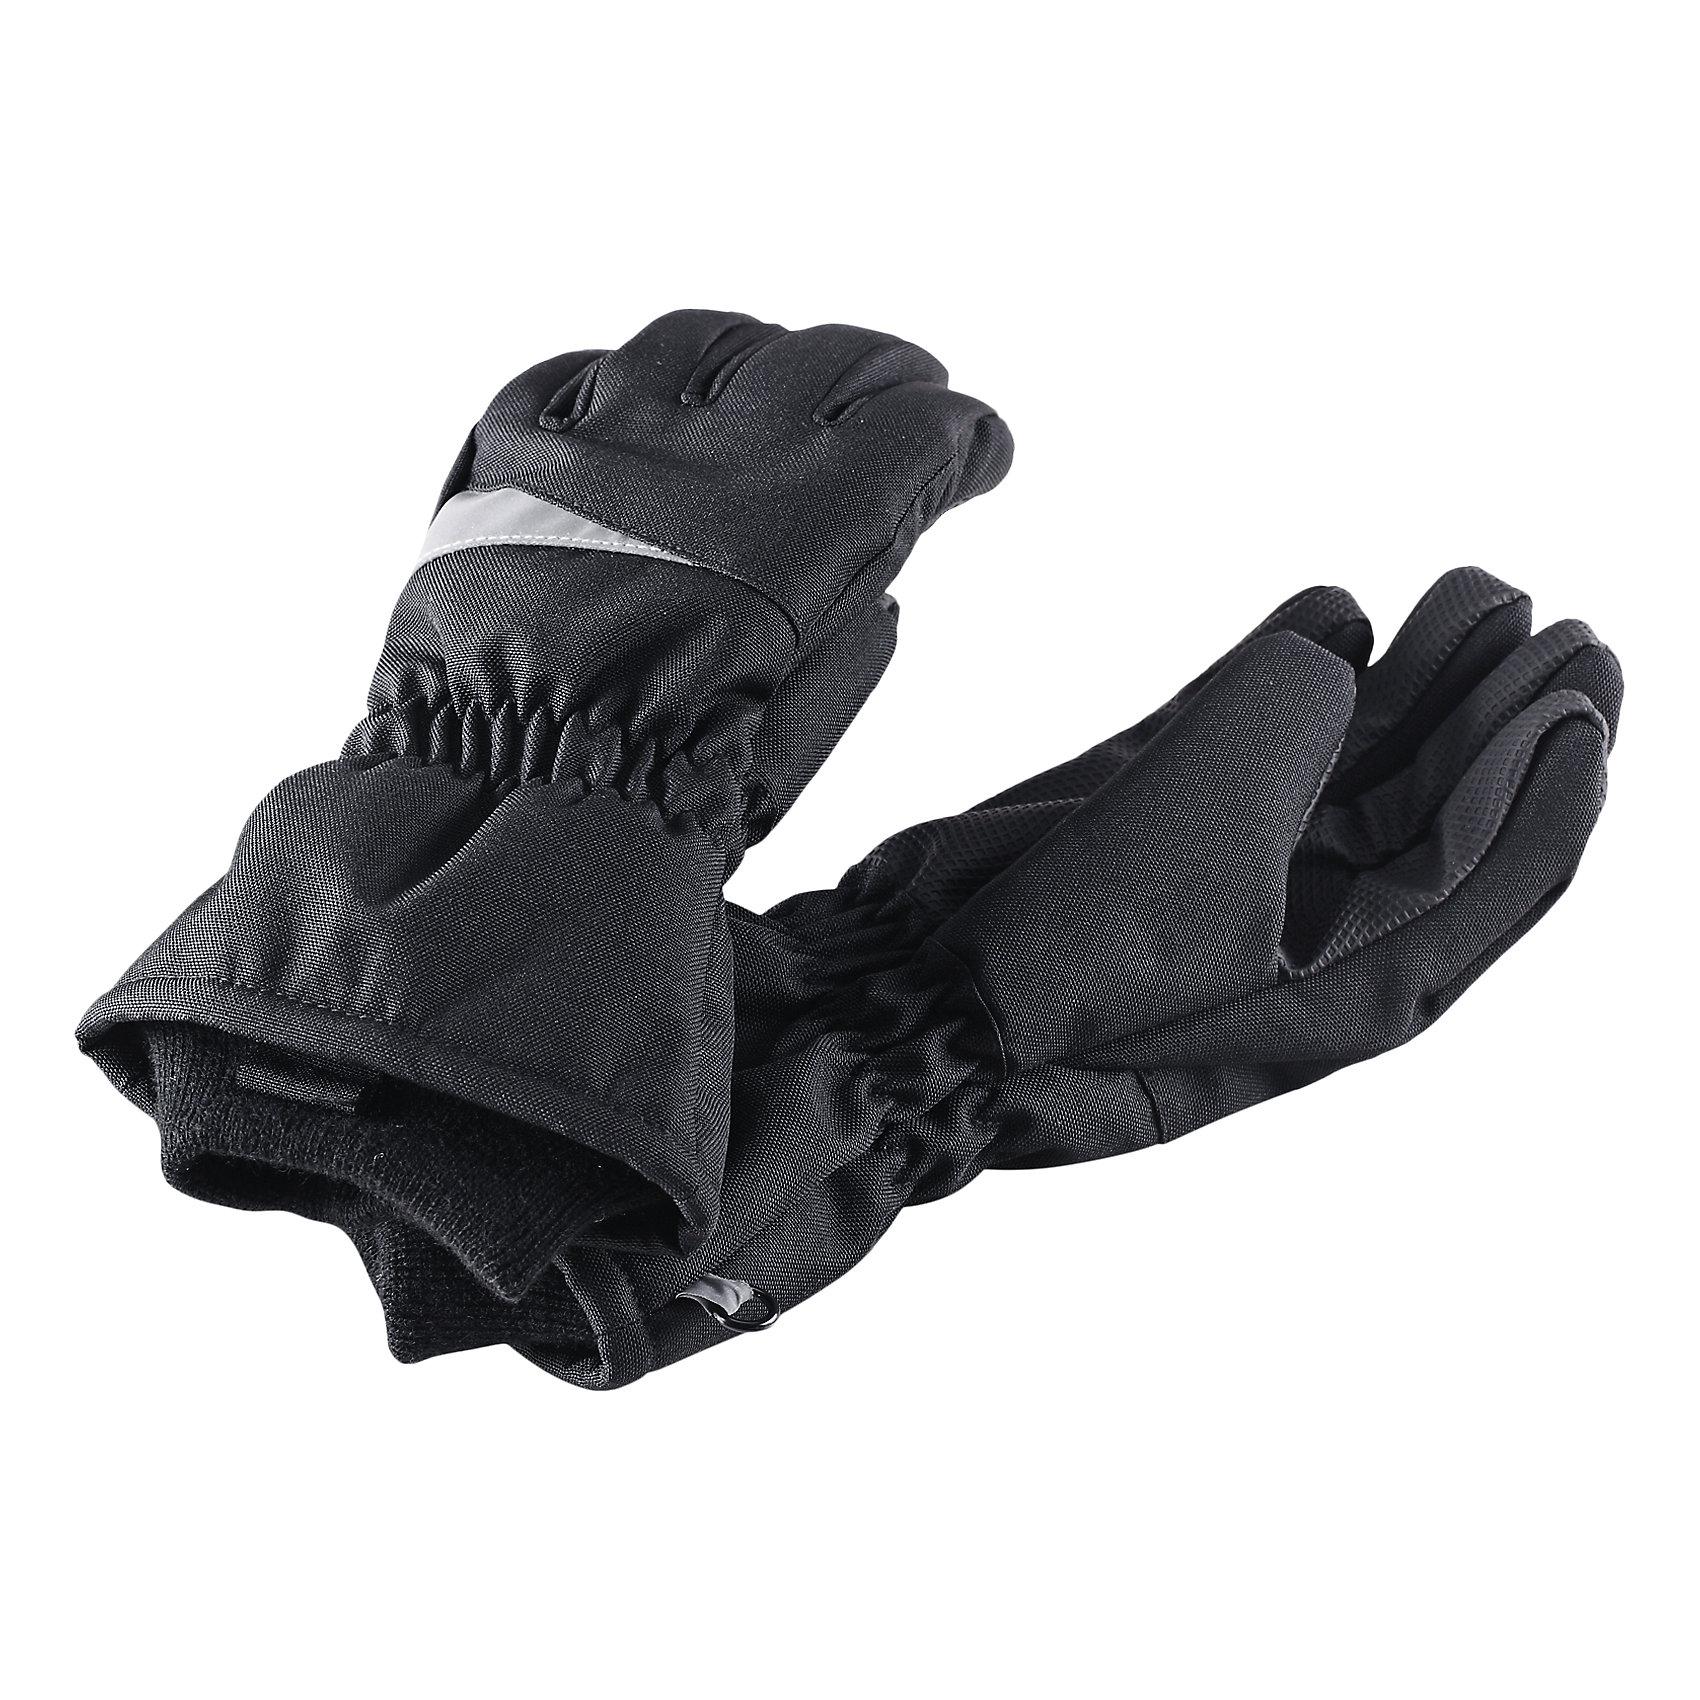 Перчатки для мальчика LASSIE by ReimaЗимние перчатки для детей Lassietec®.<br><br>- Сверхпрочный материал. Водонепроницаемая вставка. Водо- и ветронепроницаемый «дышащий» материал.<br>- Накладки на ладонях и больших пальцах.<br>- Подкладка из полиэстера с начесом. <br>- Средняя степень утепления.<br>-  Безопасные светоотражающие детали. Светоотражающая эмблема Lassie®.<br><br> Рекомендации по уходу: Полоскать без специального средства. Сушить при низкой температуре.<br><br> Состав: 100% Полиамид, полиуретановое покрытие.  Утеплитель «Lassie wadding» 120гр.<br><br>Ширина мм: 162<br>Глубина мм: 171<br>Высота мм: 55<br>Вес г: 119<br>Цвет: черный<br>Возраст от месяцев: 120<br>Возраст до месяцев: 144<br>Пол: Мужской<br>Возраст: Детский<br>Размер: 6,3,4,5<br>SKU: 4780588